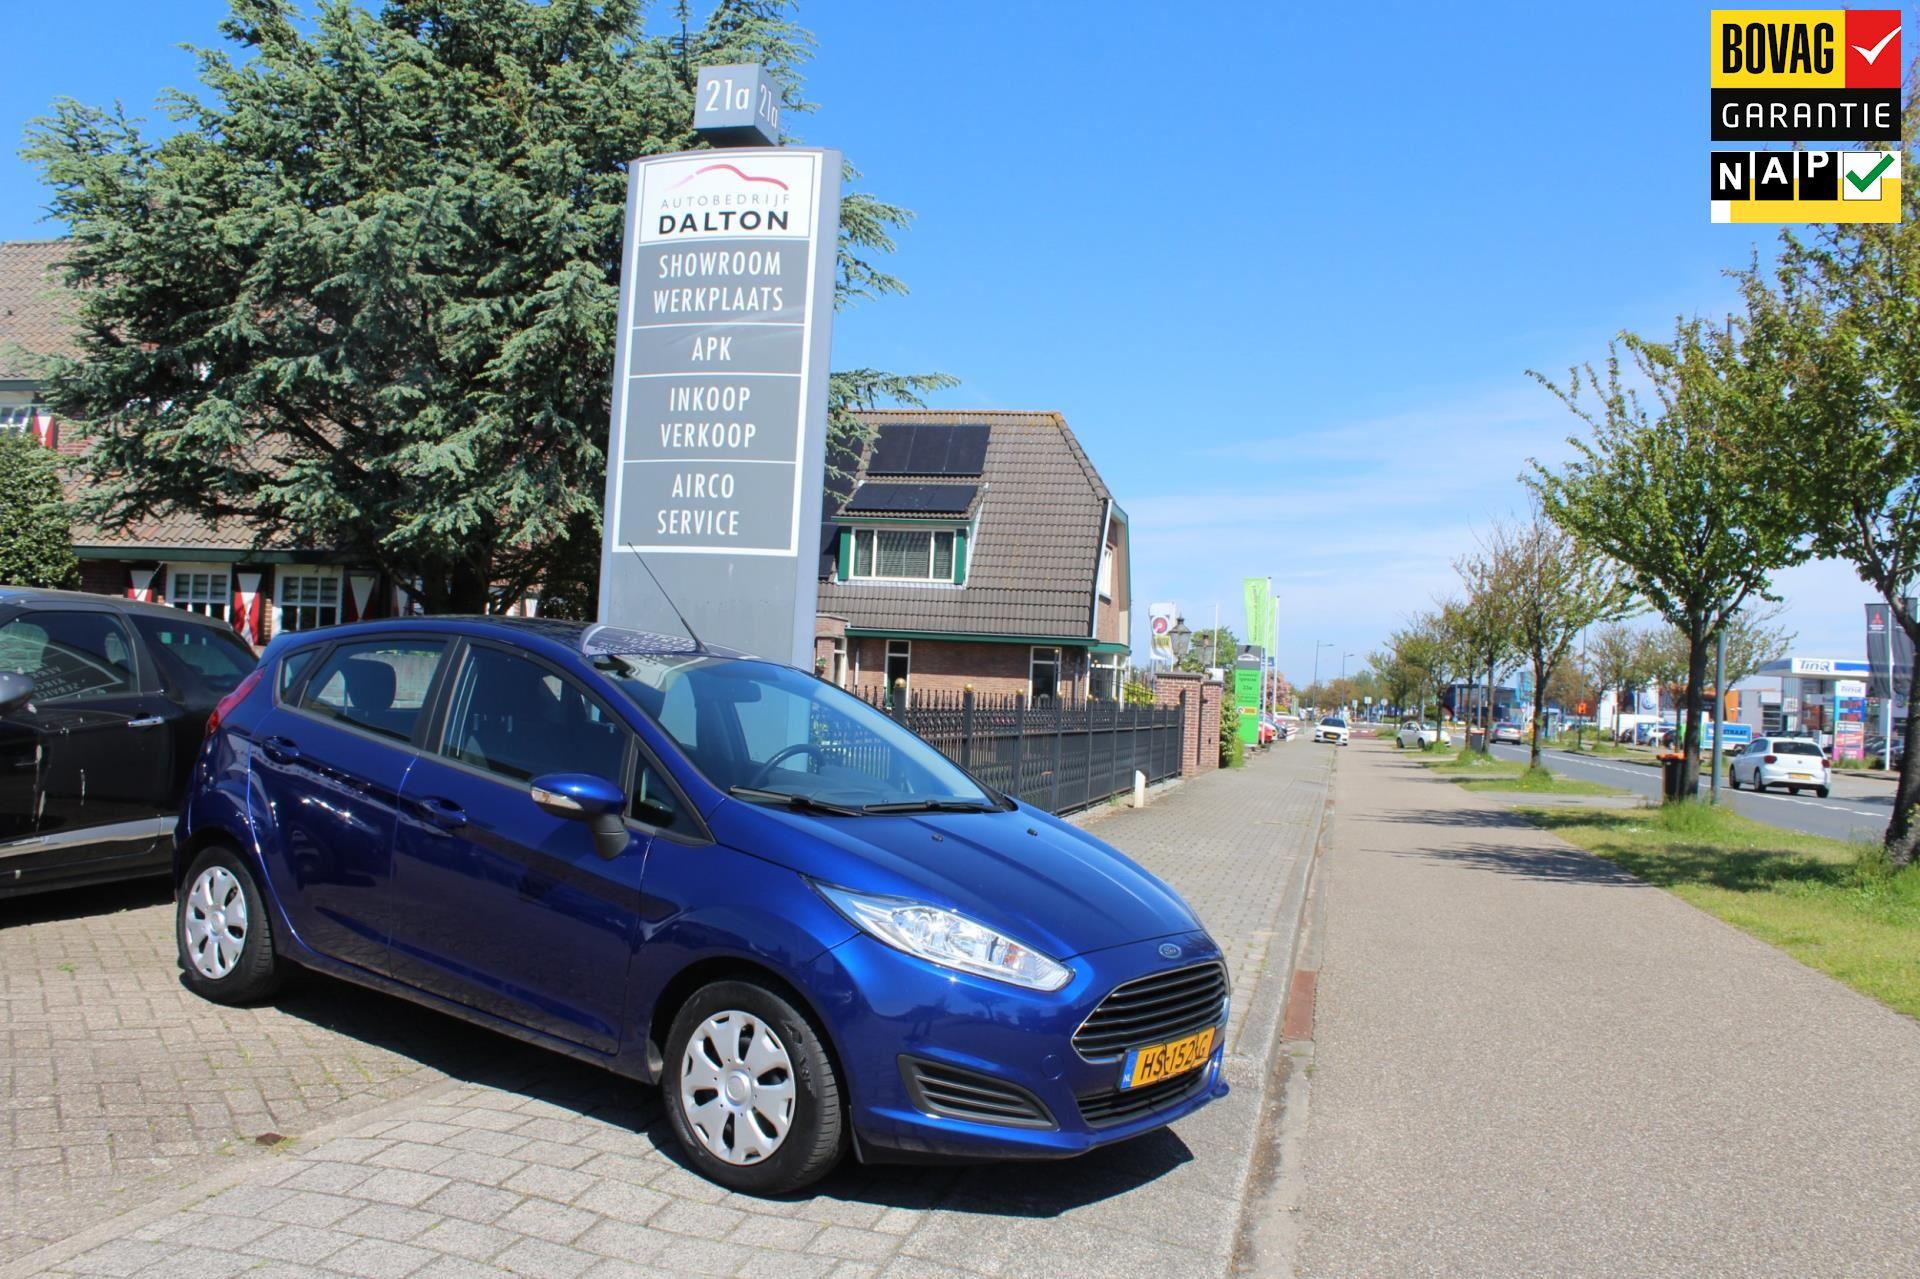 Ford Fiesta occasion - Autobedrijf Dalton